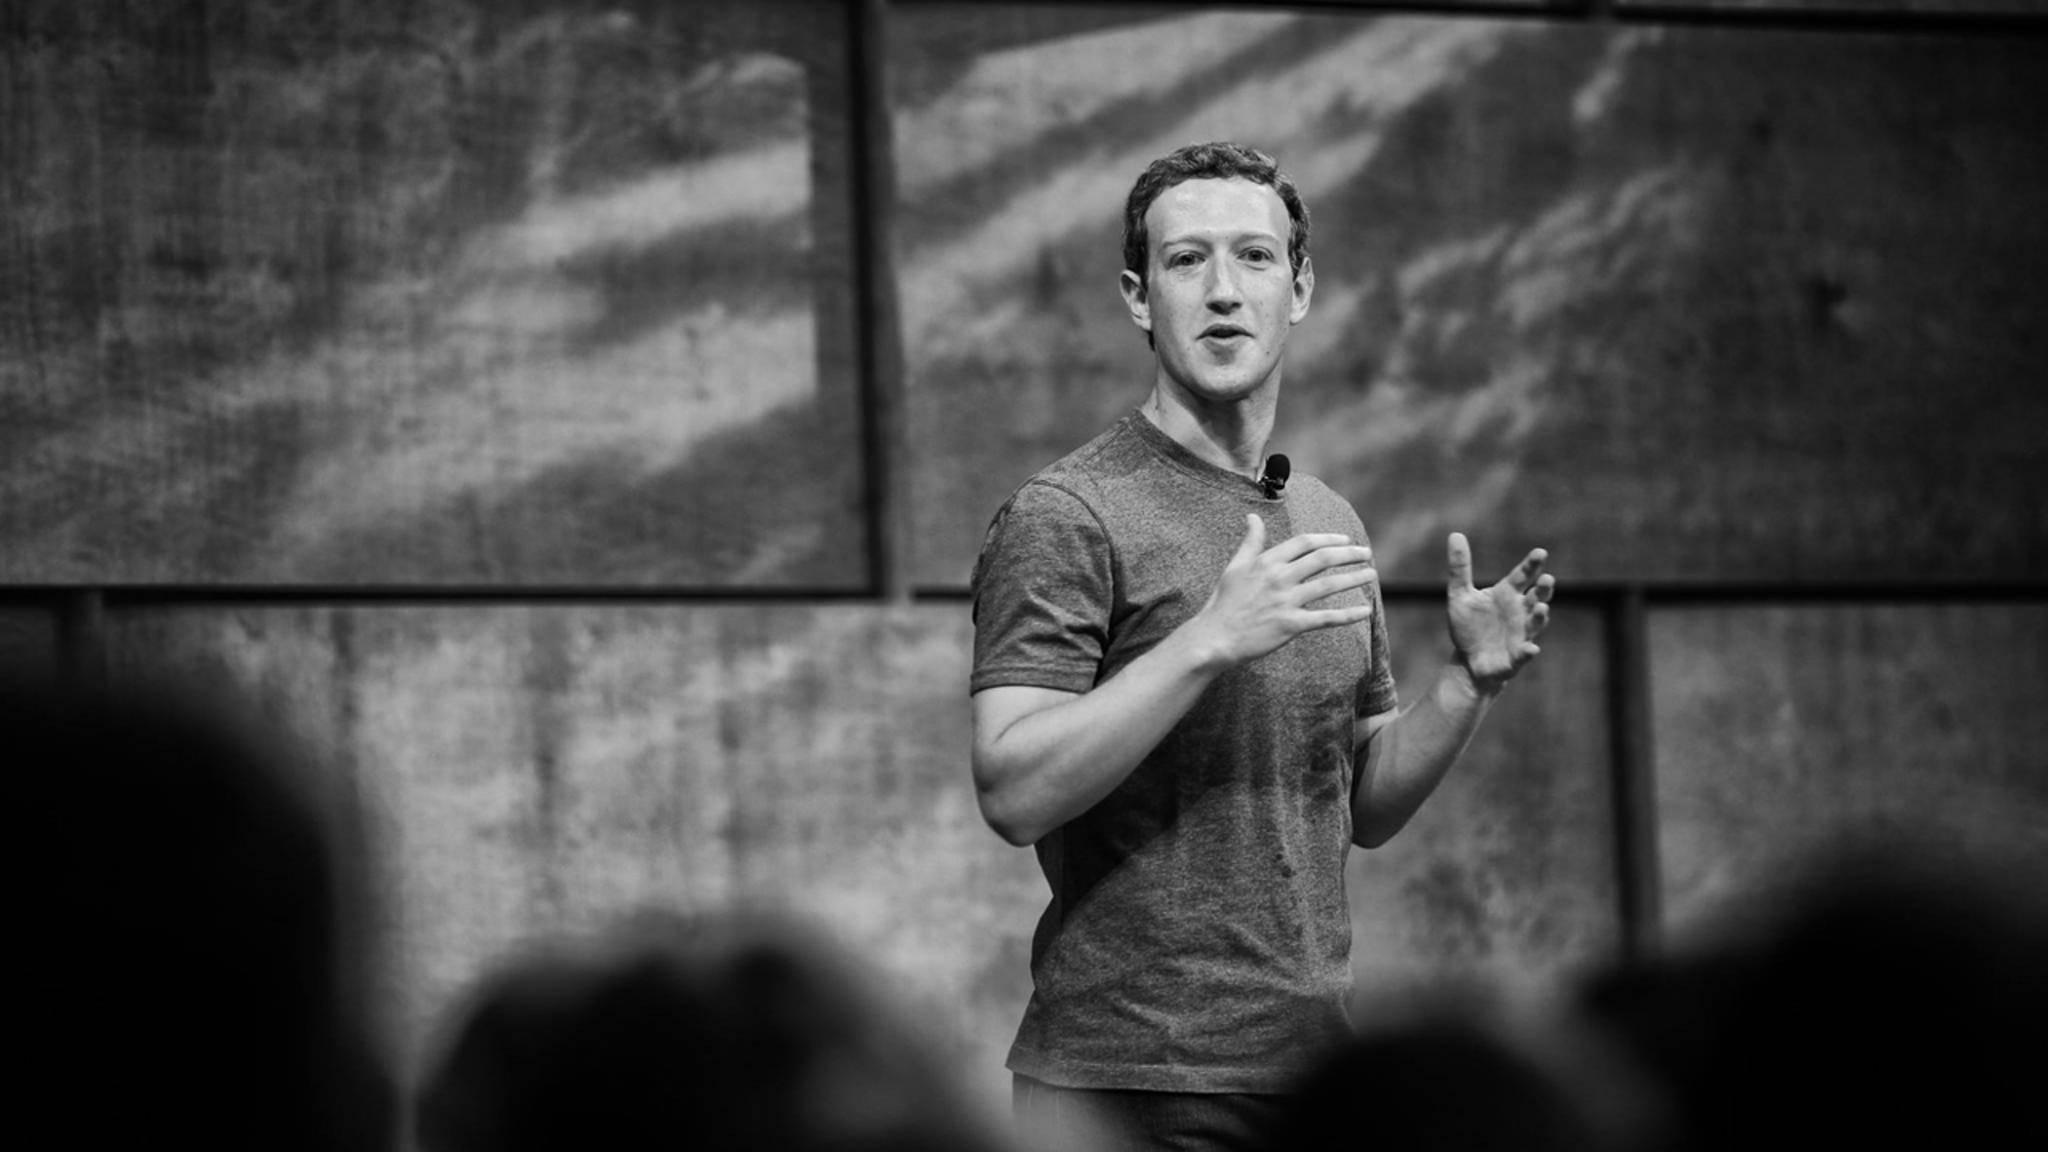 Falls Du eine prominente, reiche oder einflussreiche Person wie Mark Zuckerberg bist, kann es Sinn ergeben, Deine Webcam abzukleben.